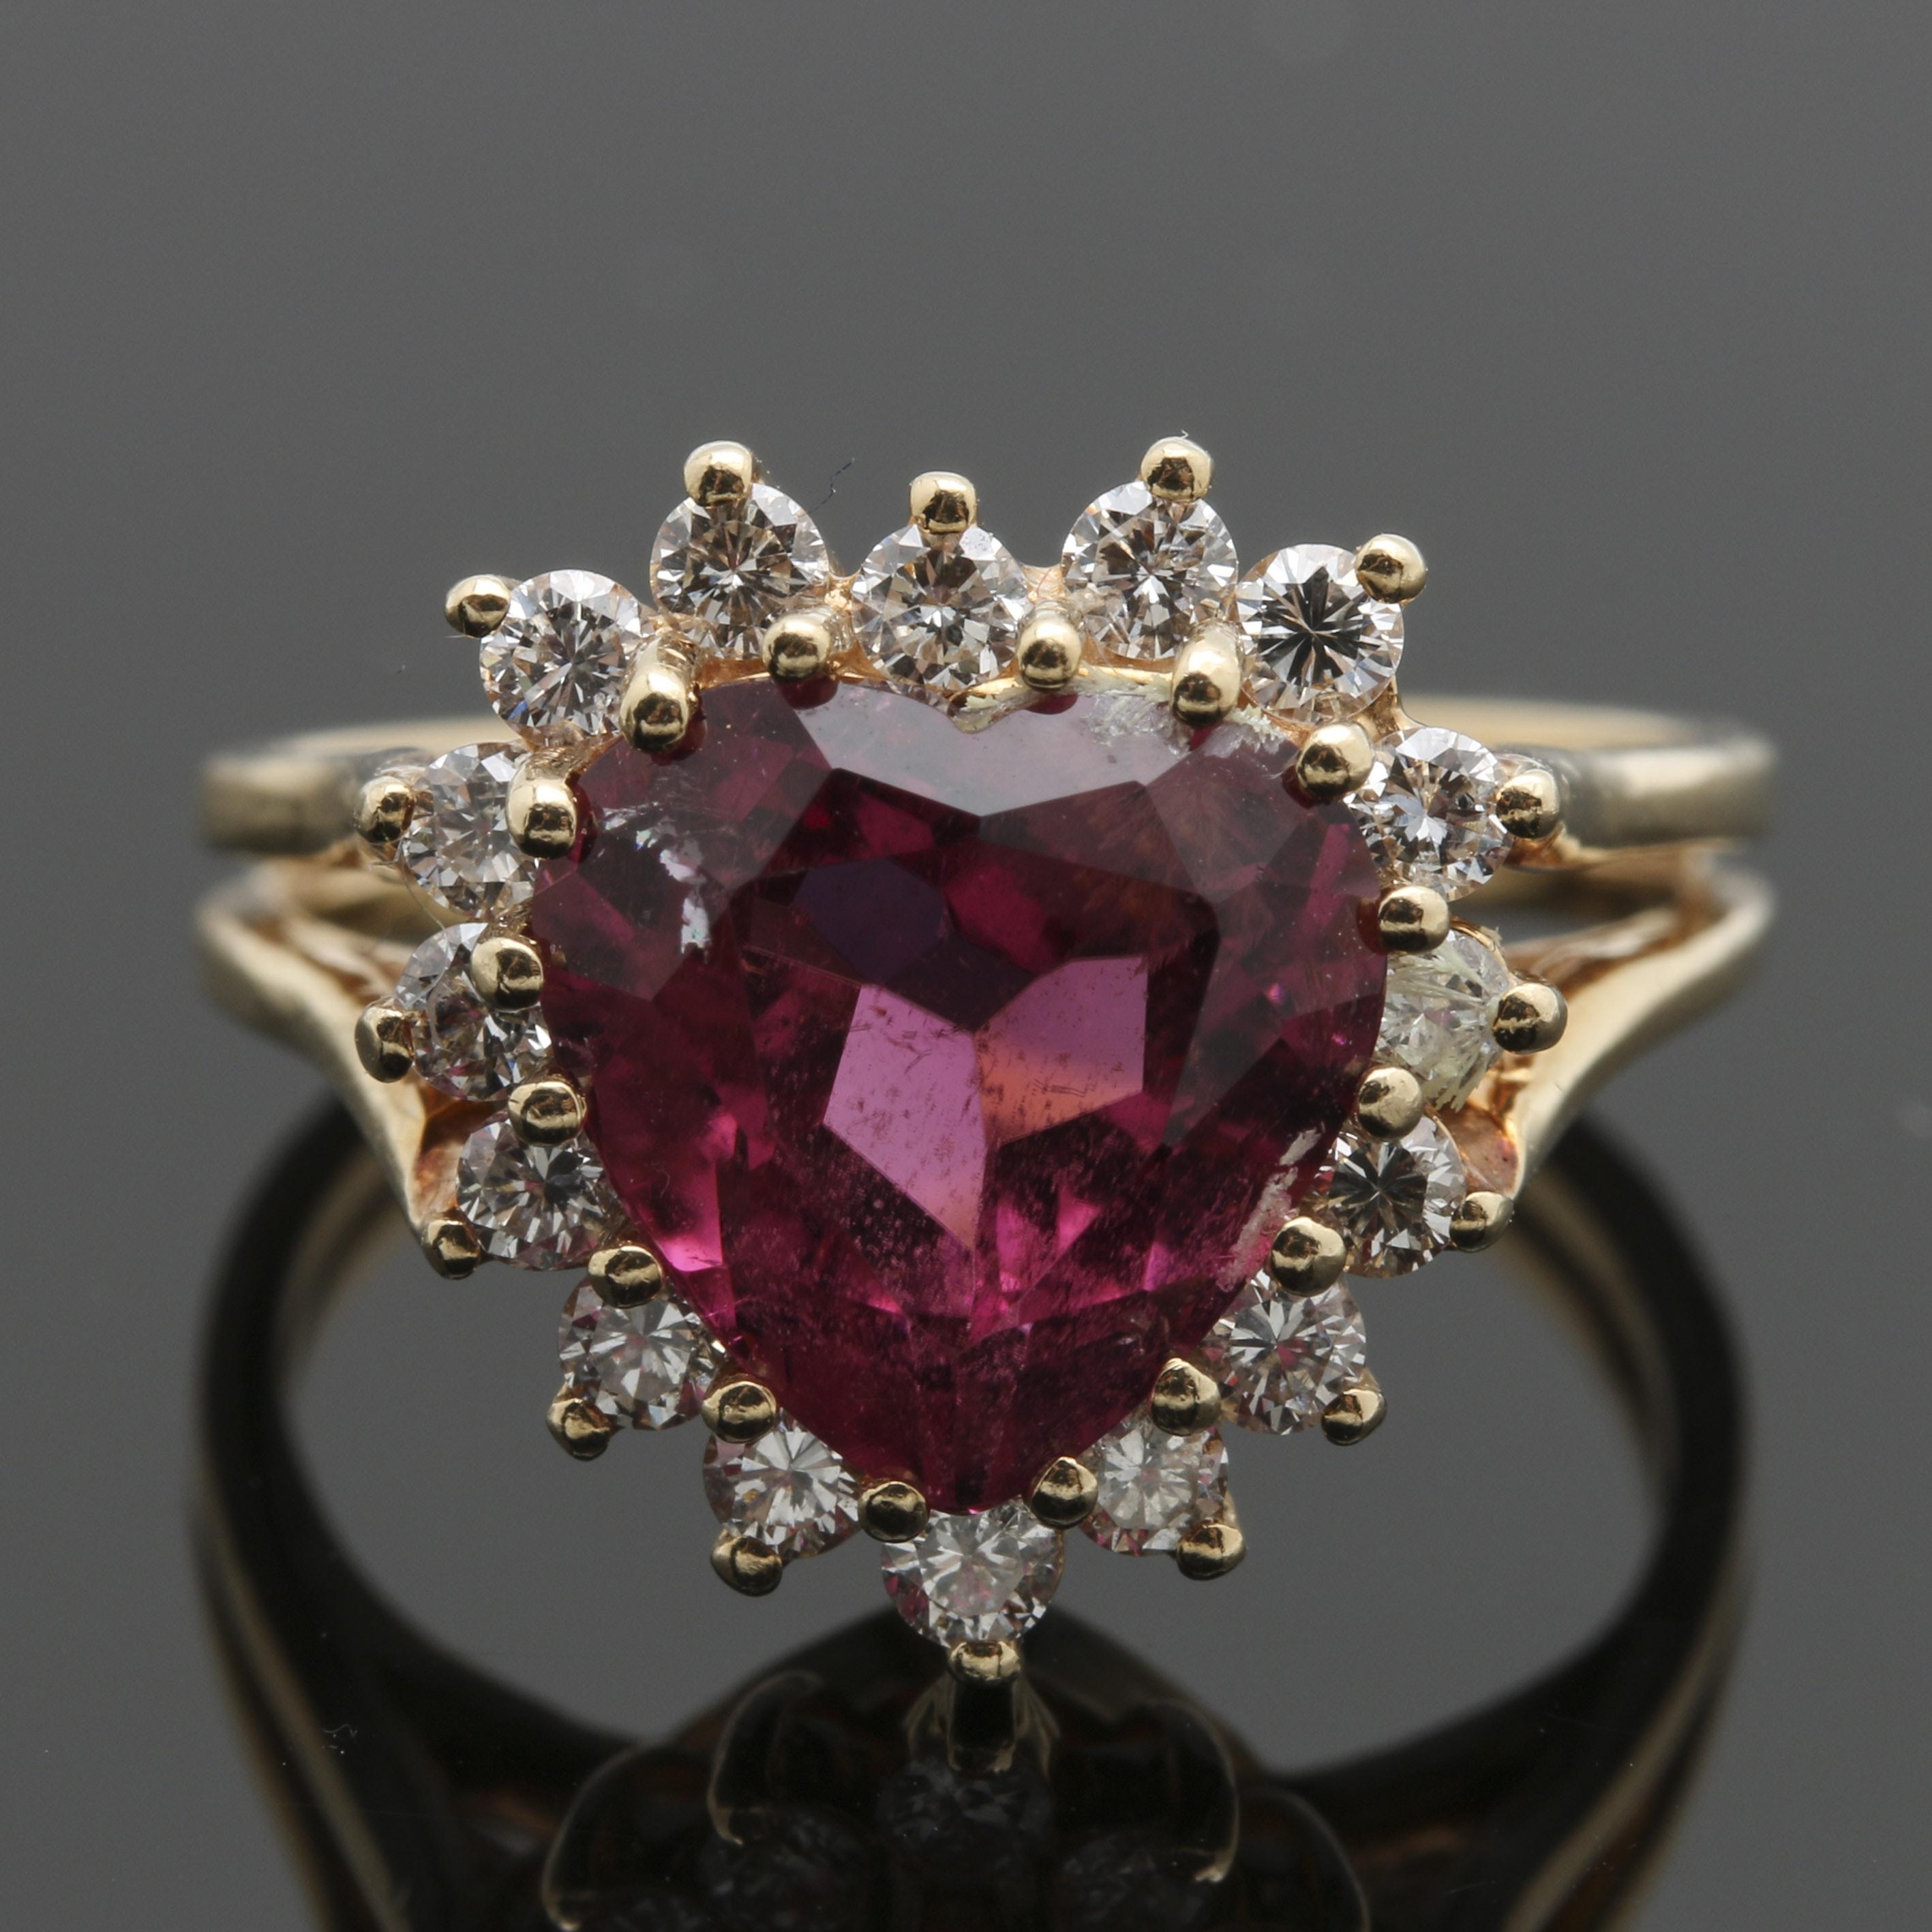 14K Yellow Gold 2.54 CT Pink Tourmaline and Diamond Heart Shape Ring